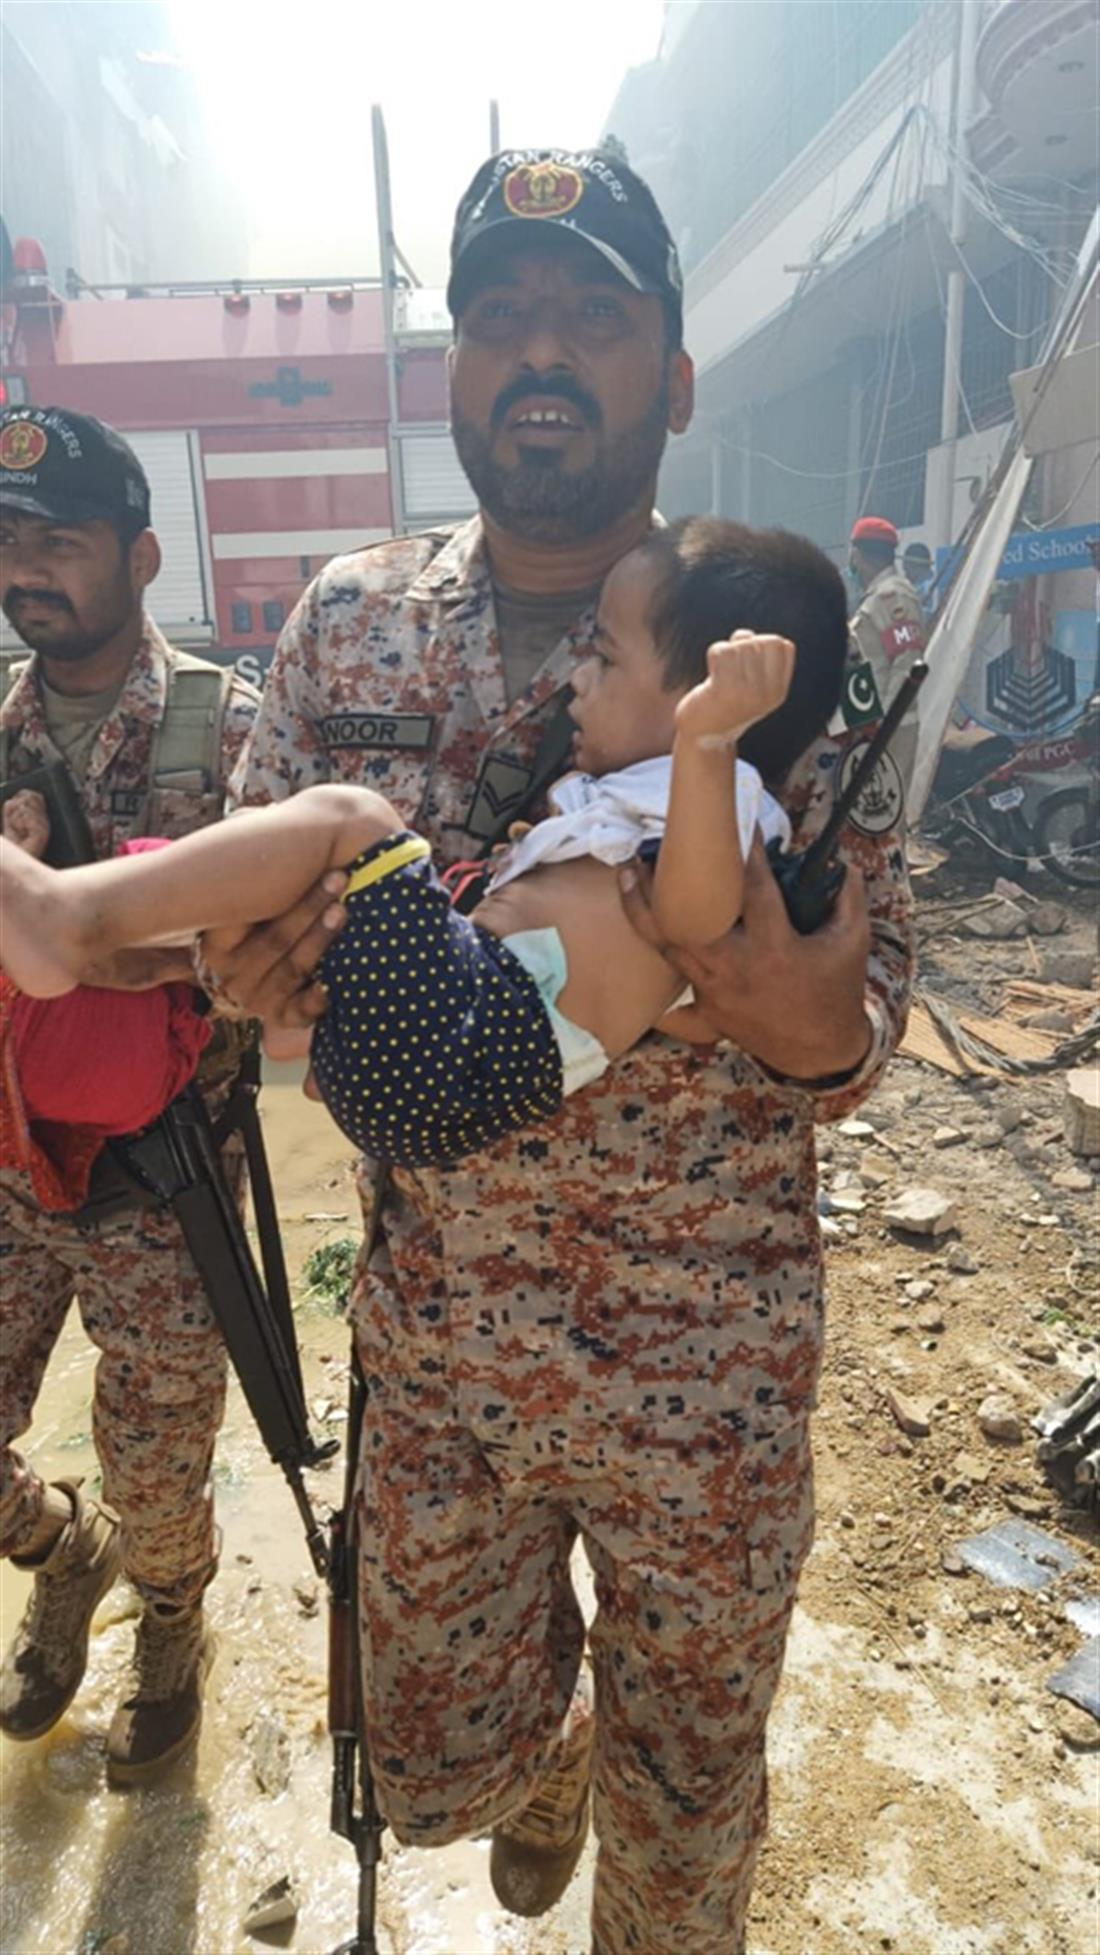 Πακιστάν - αεροπορικό δυστύχημα - διάσωση παιδιού - PK8303